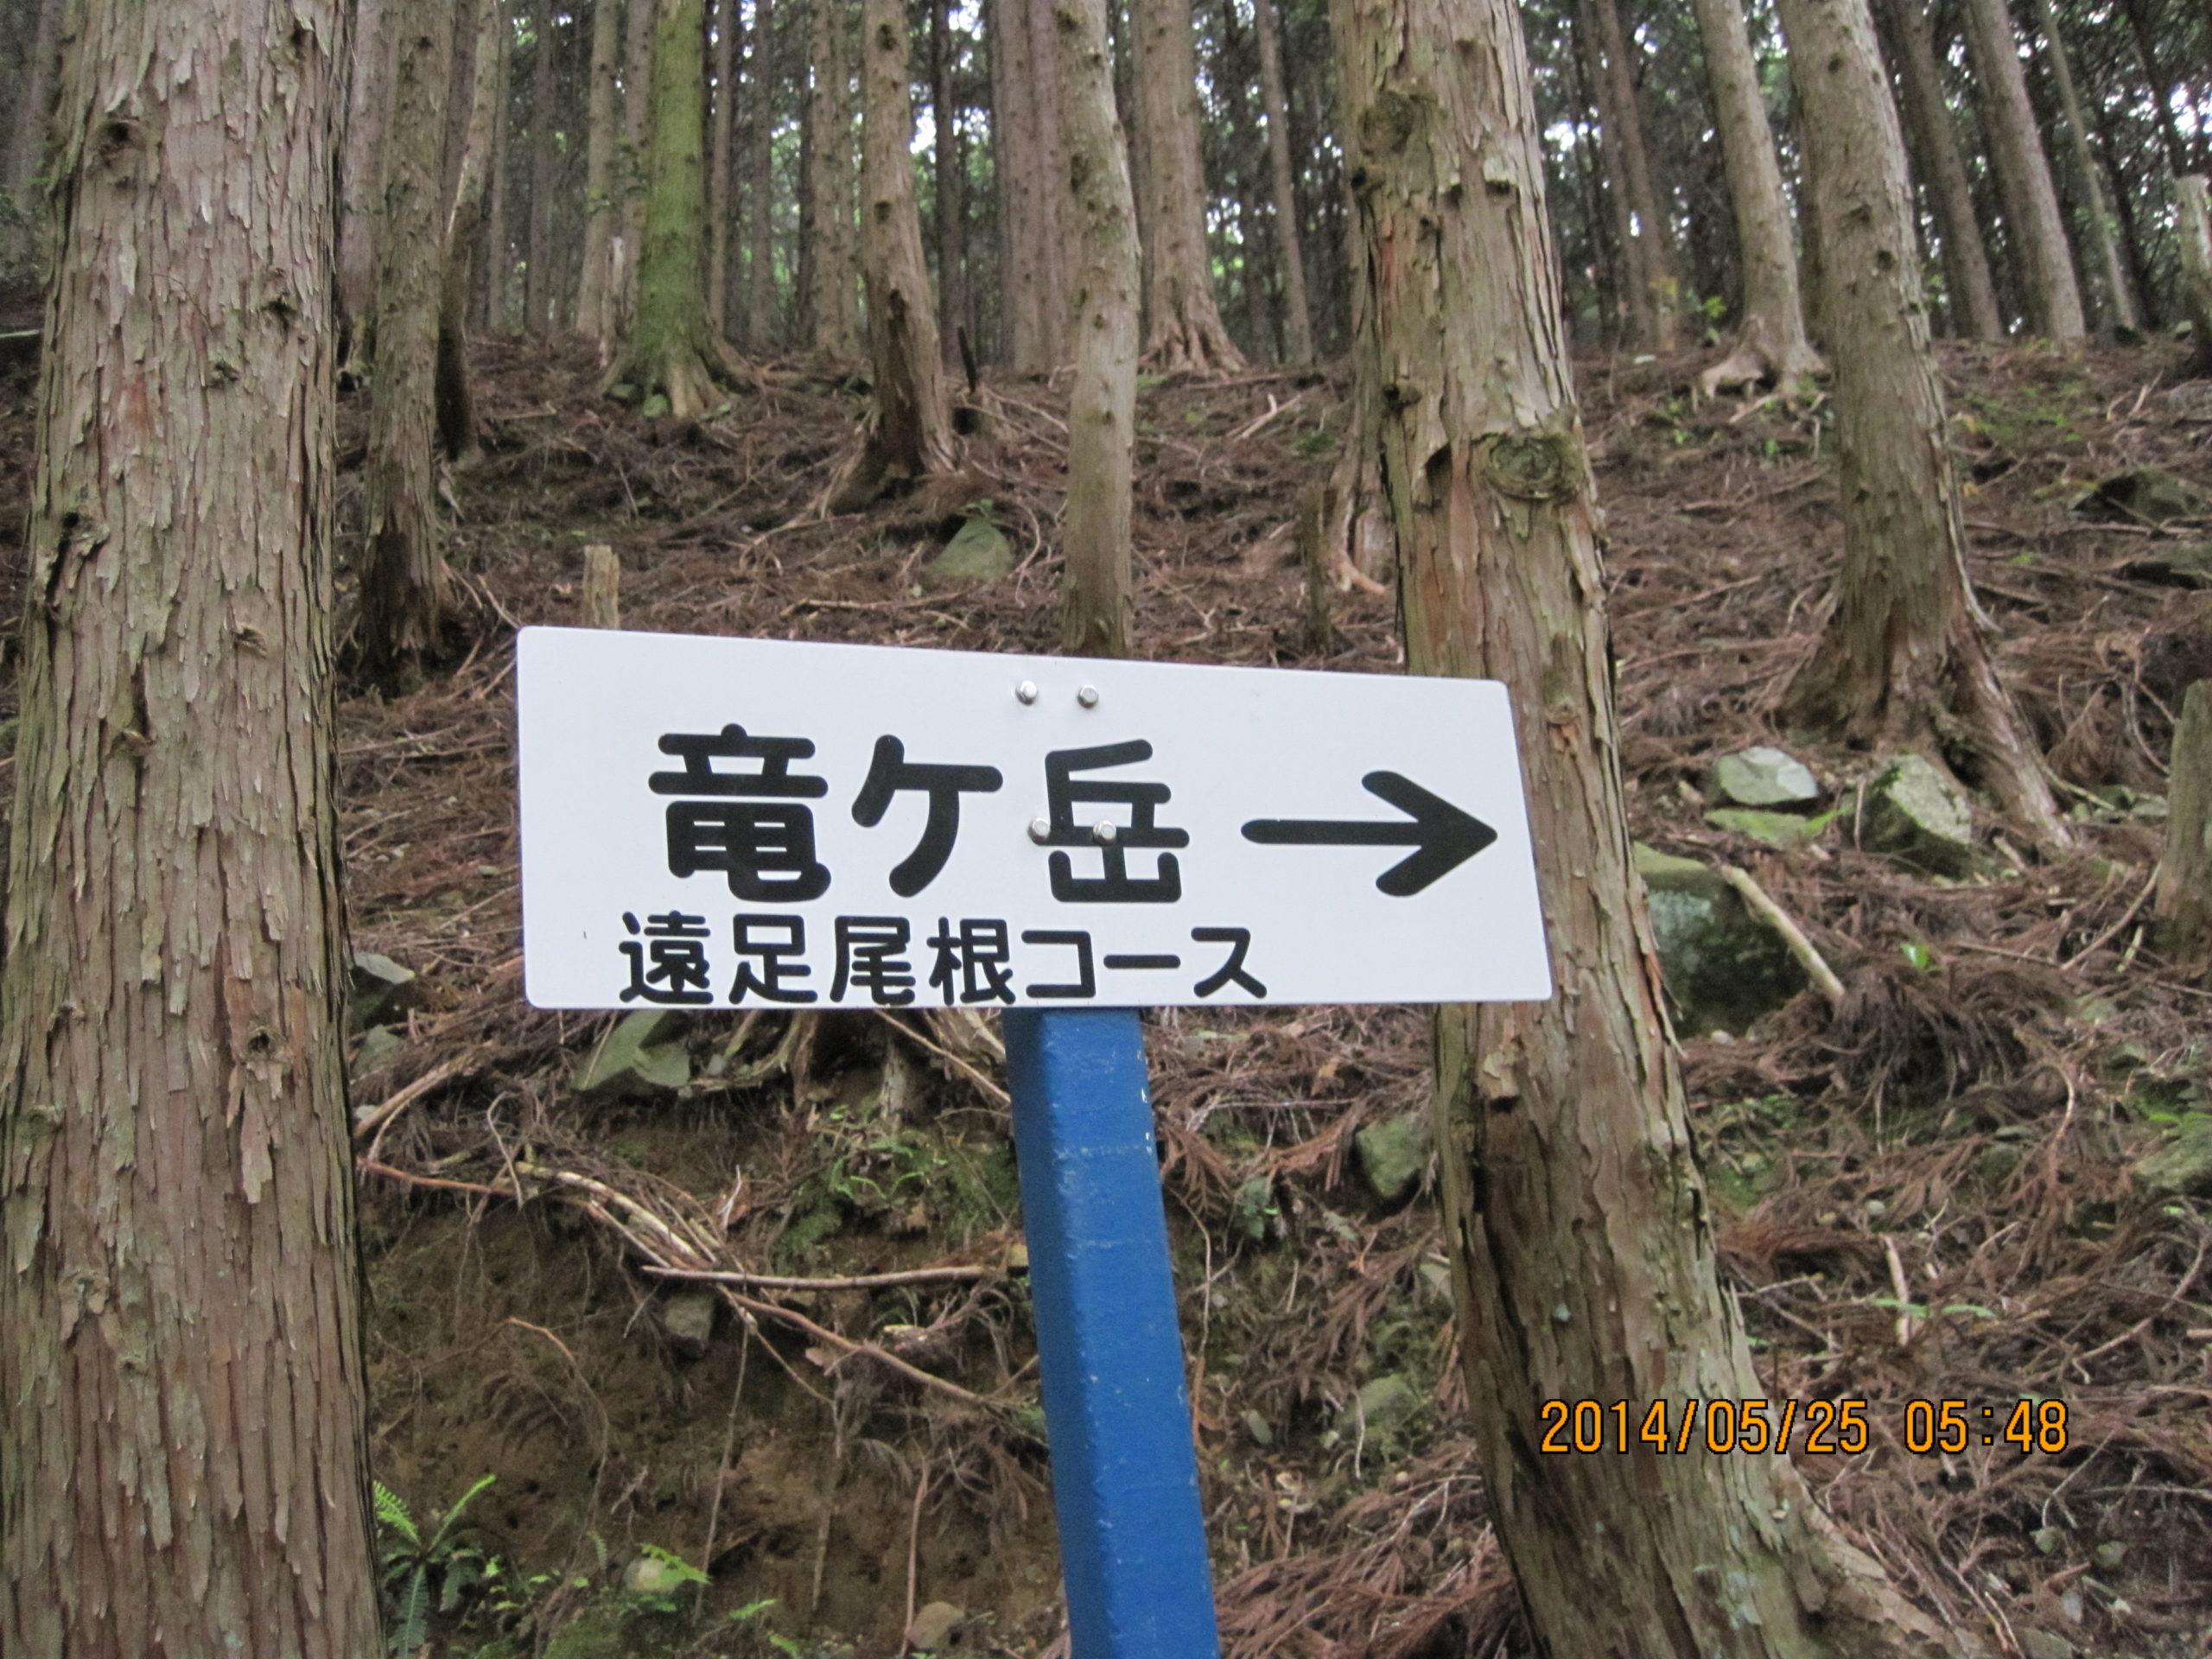 遠見尾根コースの入り口